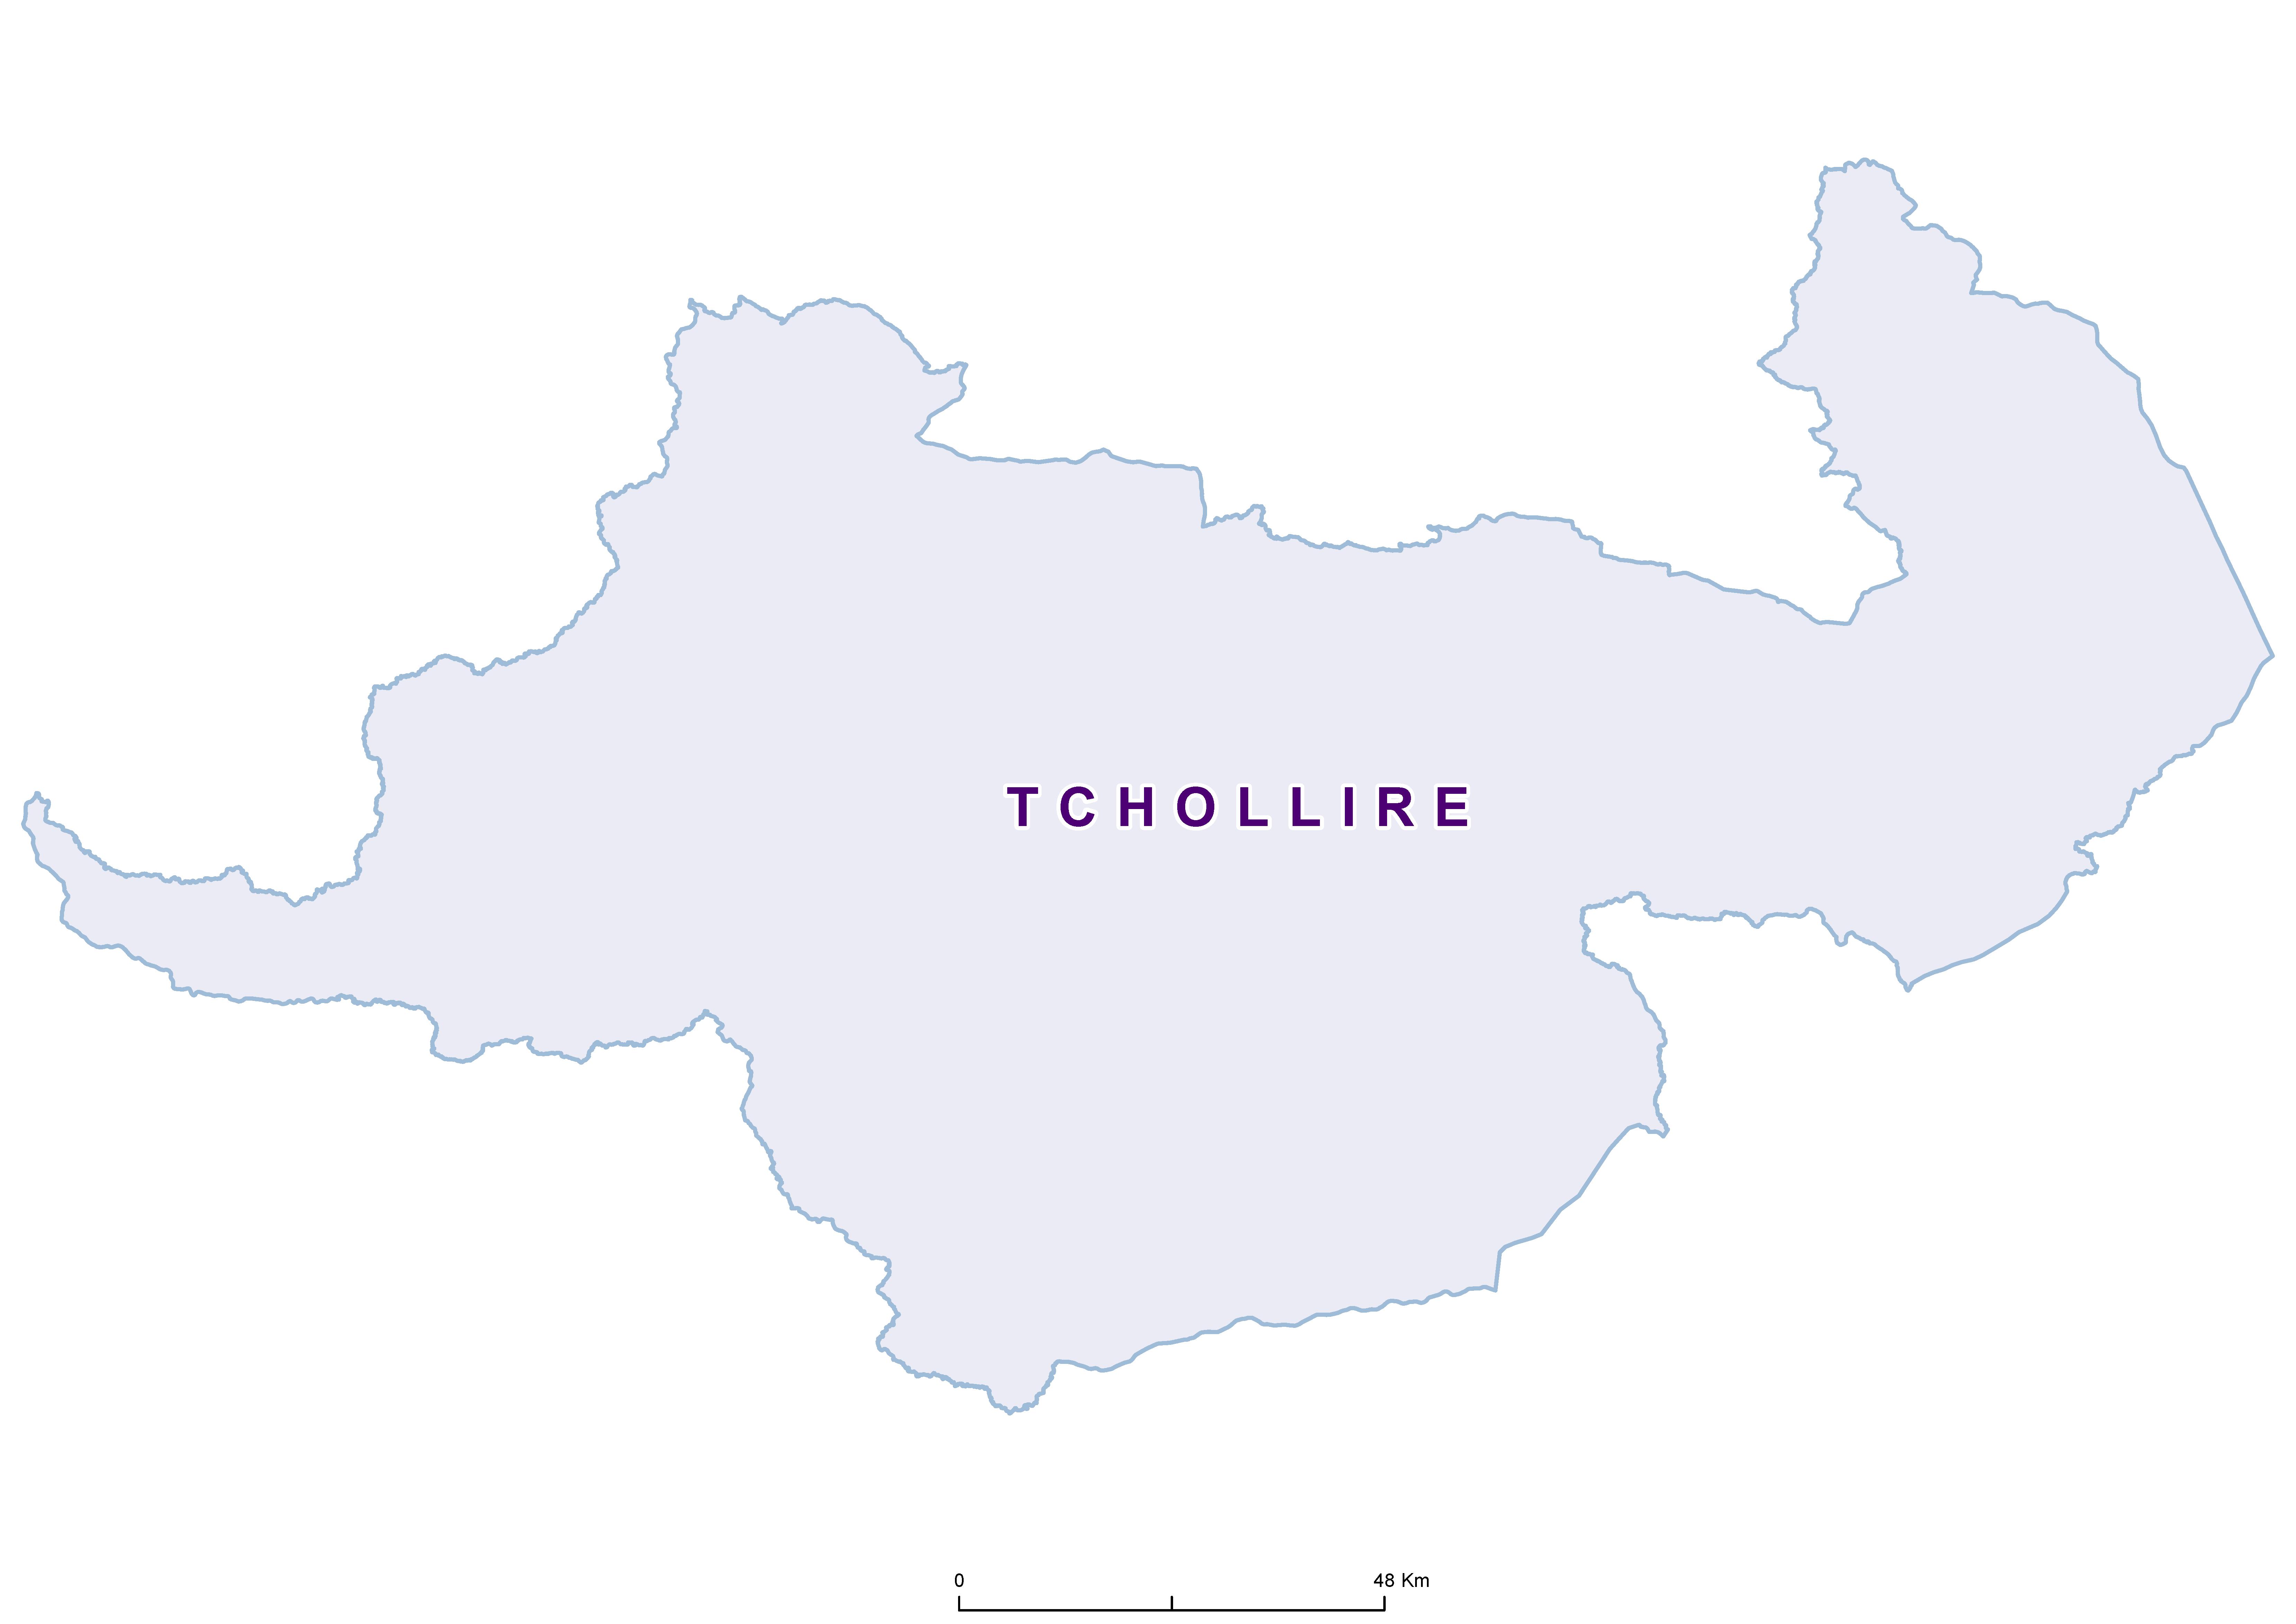 Tchollire Mean SCH 20180001